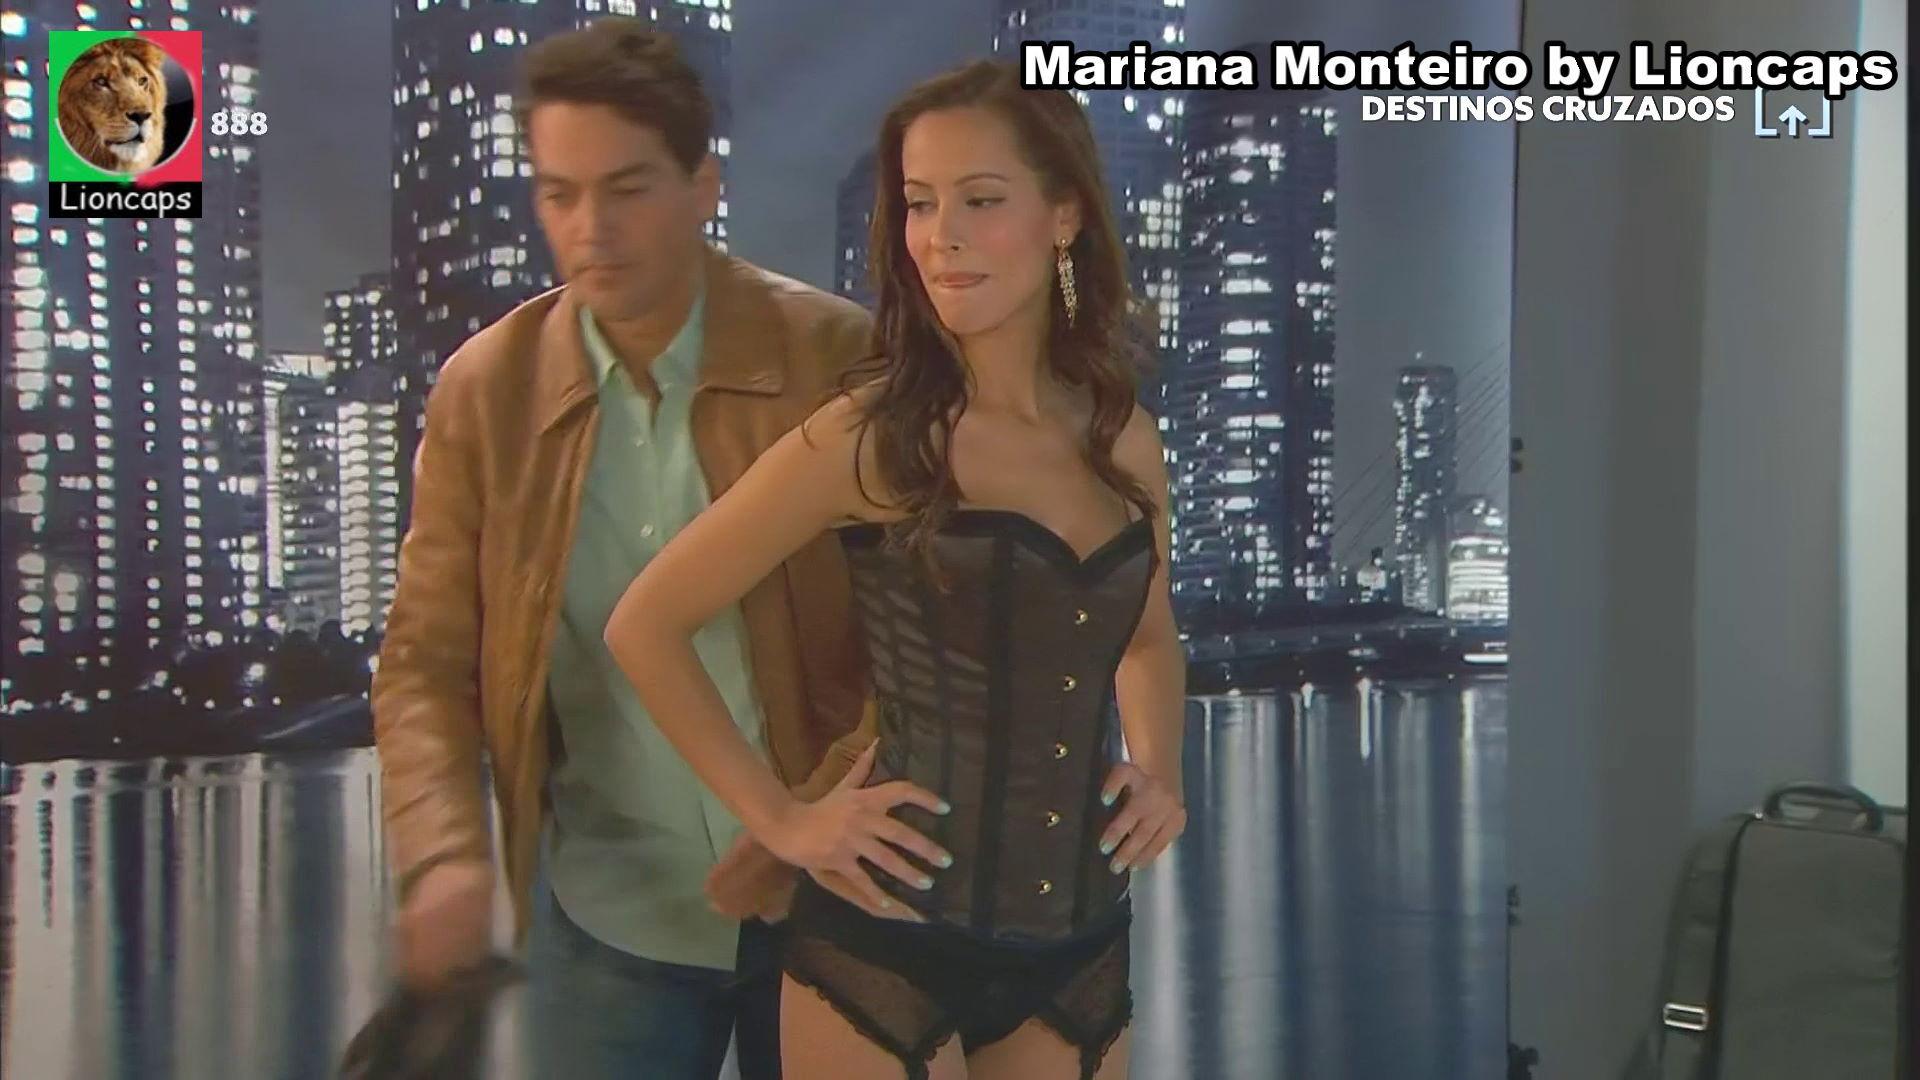 mariana_monteiro_vs200503-055 (12).JPG